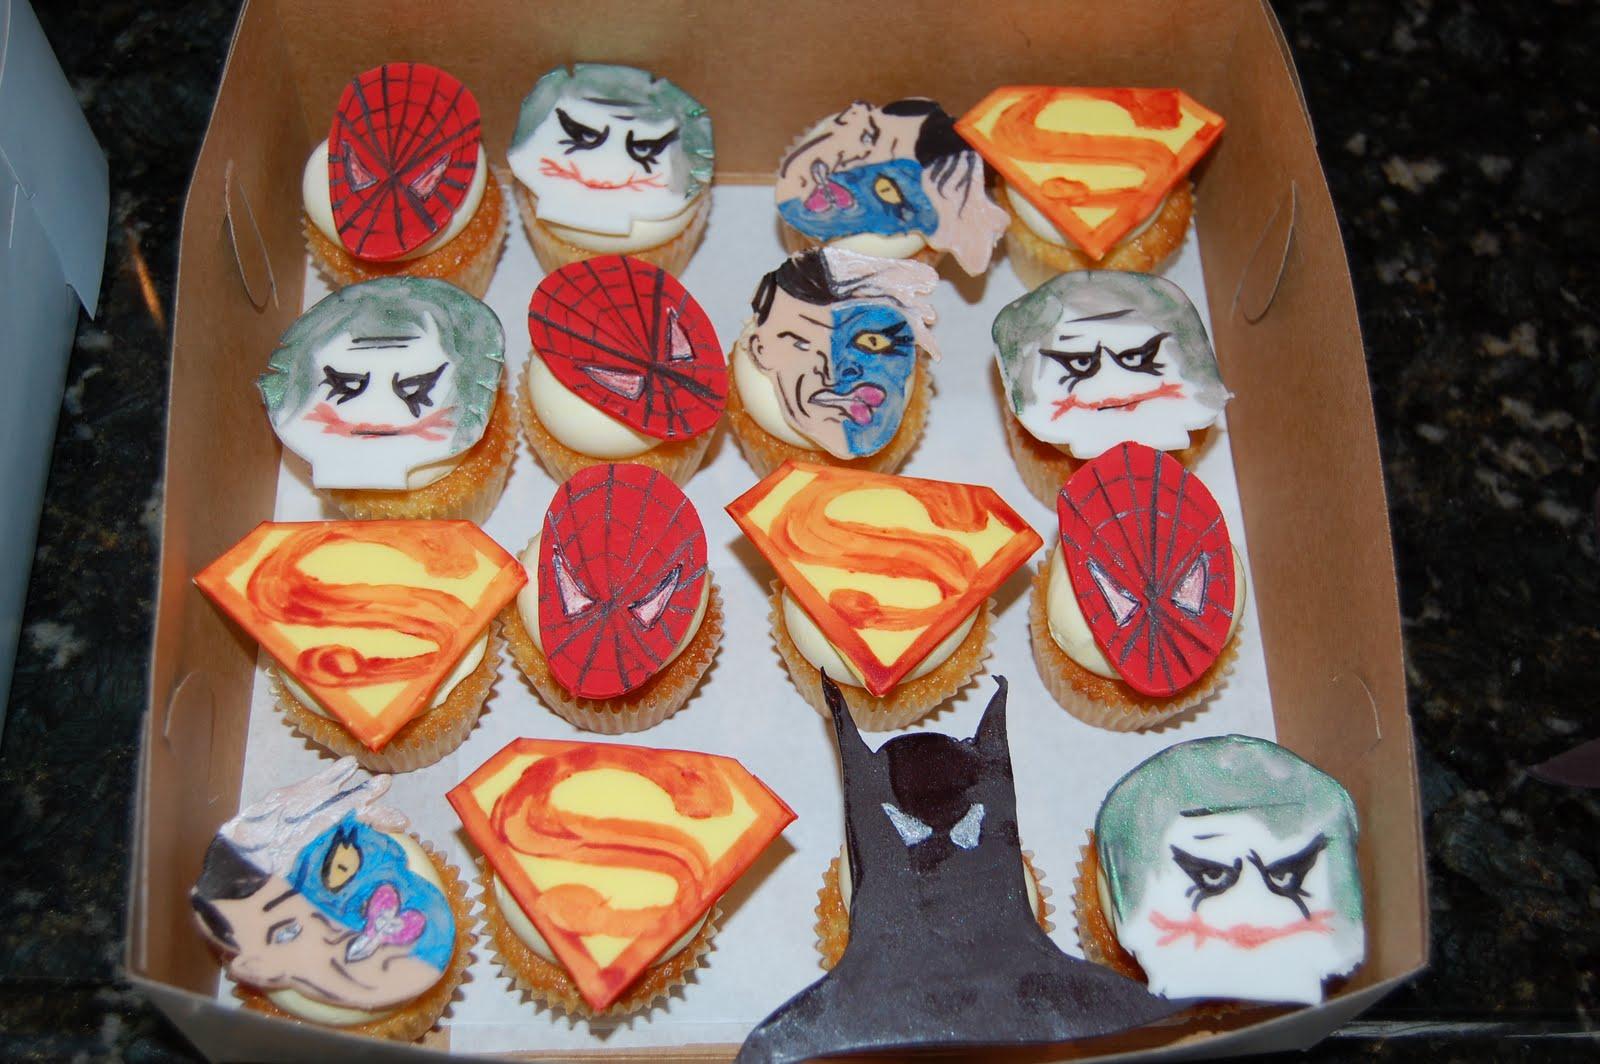 http://2.bp.blogspot.com/_2-Wg7YTdBco/S_k1LTmFVUI/AAAAAAAAAXg/WVMEo4PLkN8/s1600/superhero%2Bcupcakes%2B(12).JPG